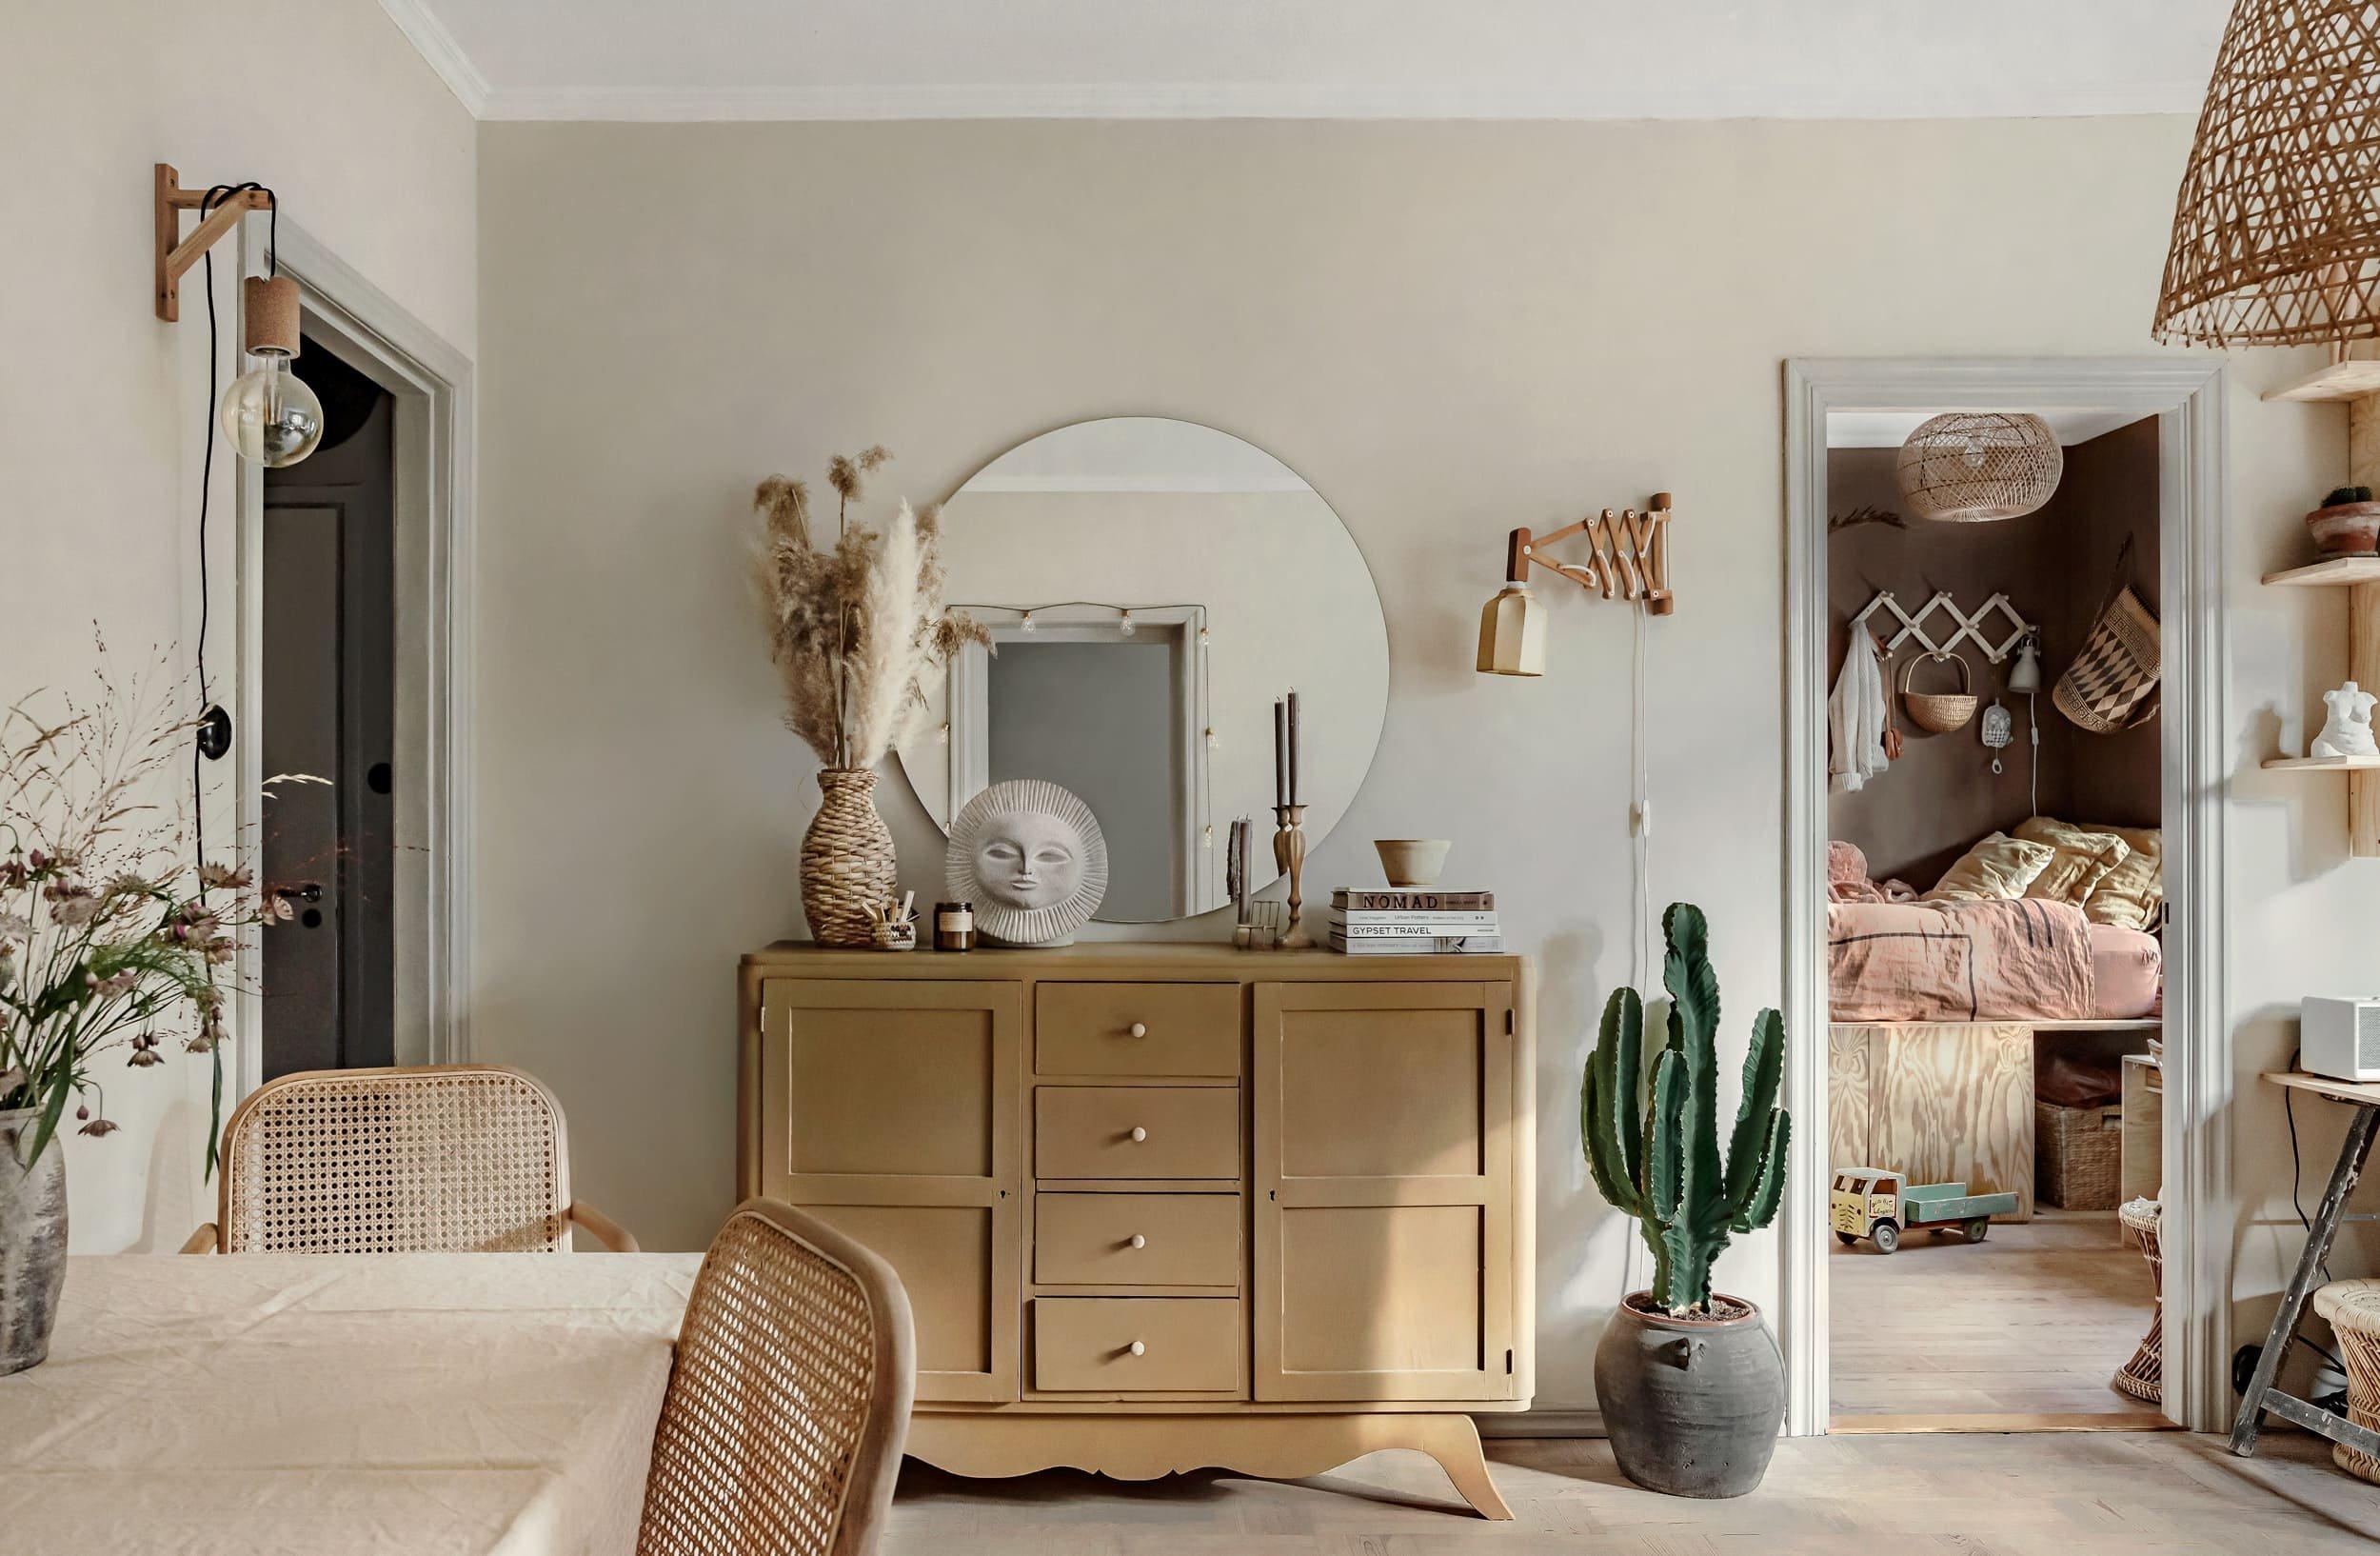 Renovace starého nábytku je radost, když opravuje kusy po babičce, k nimž má citový vztah a chce je začlenit do zařízení vlastního bydlení